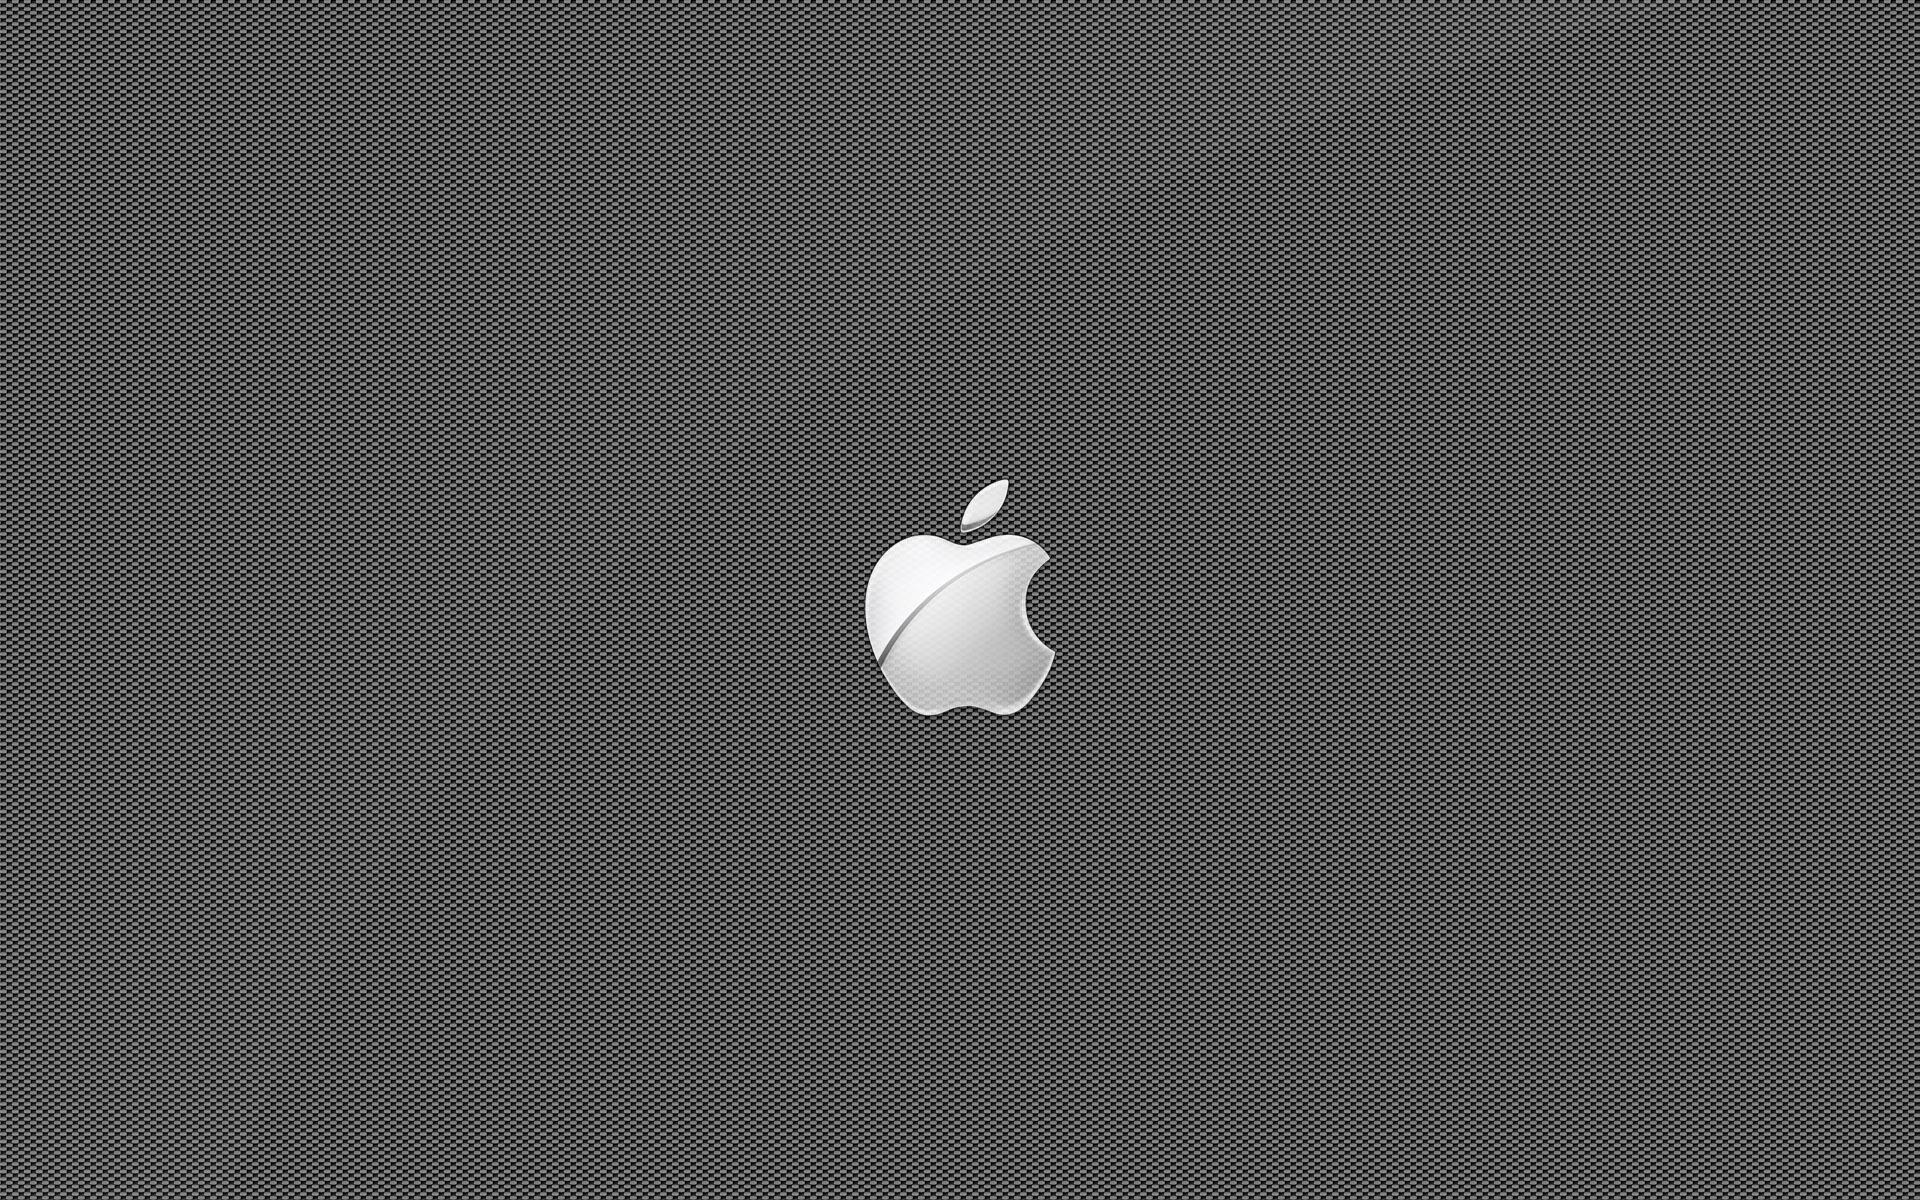 Apple Mac Wallpapers Backgrounds Desktop Wallpapers 1920x1200